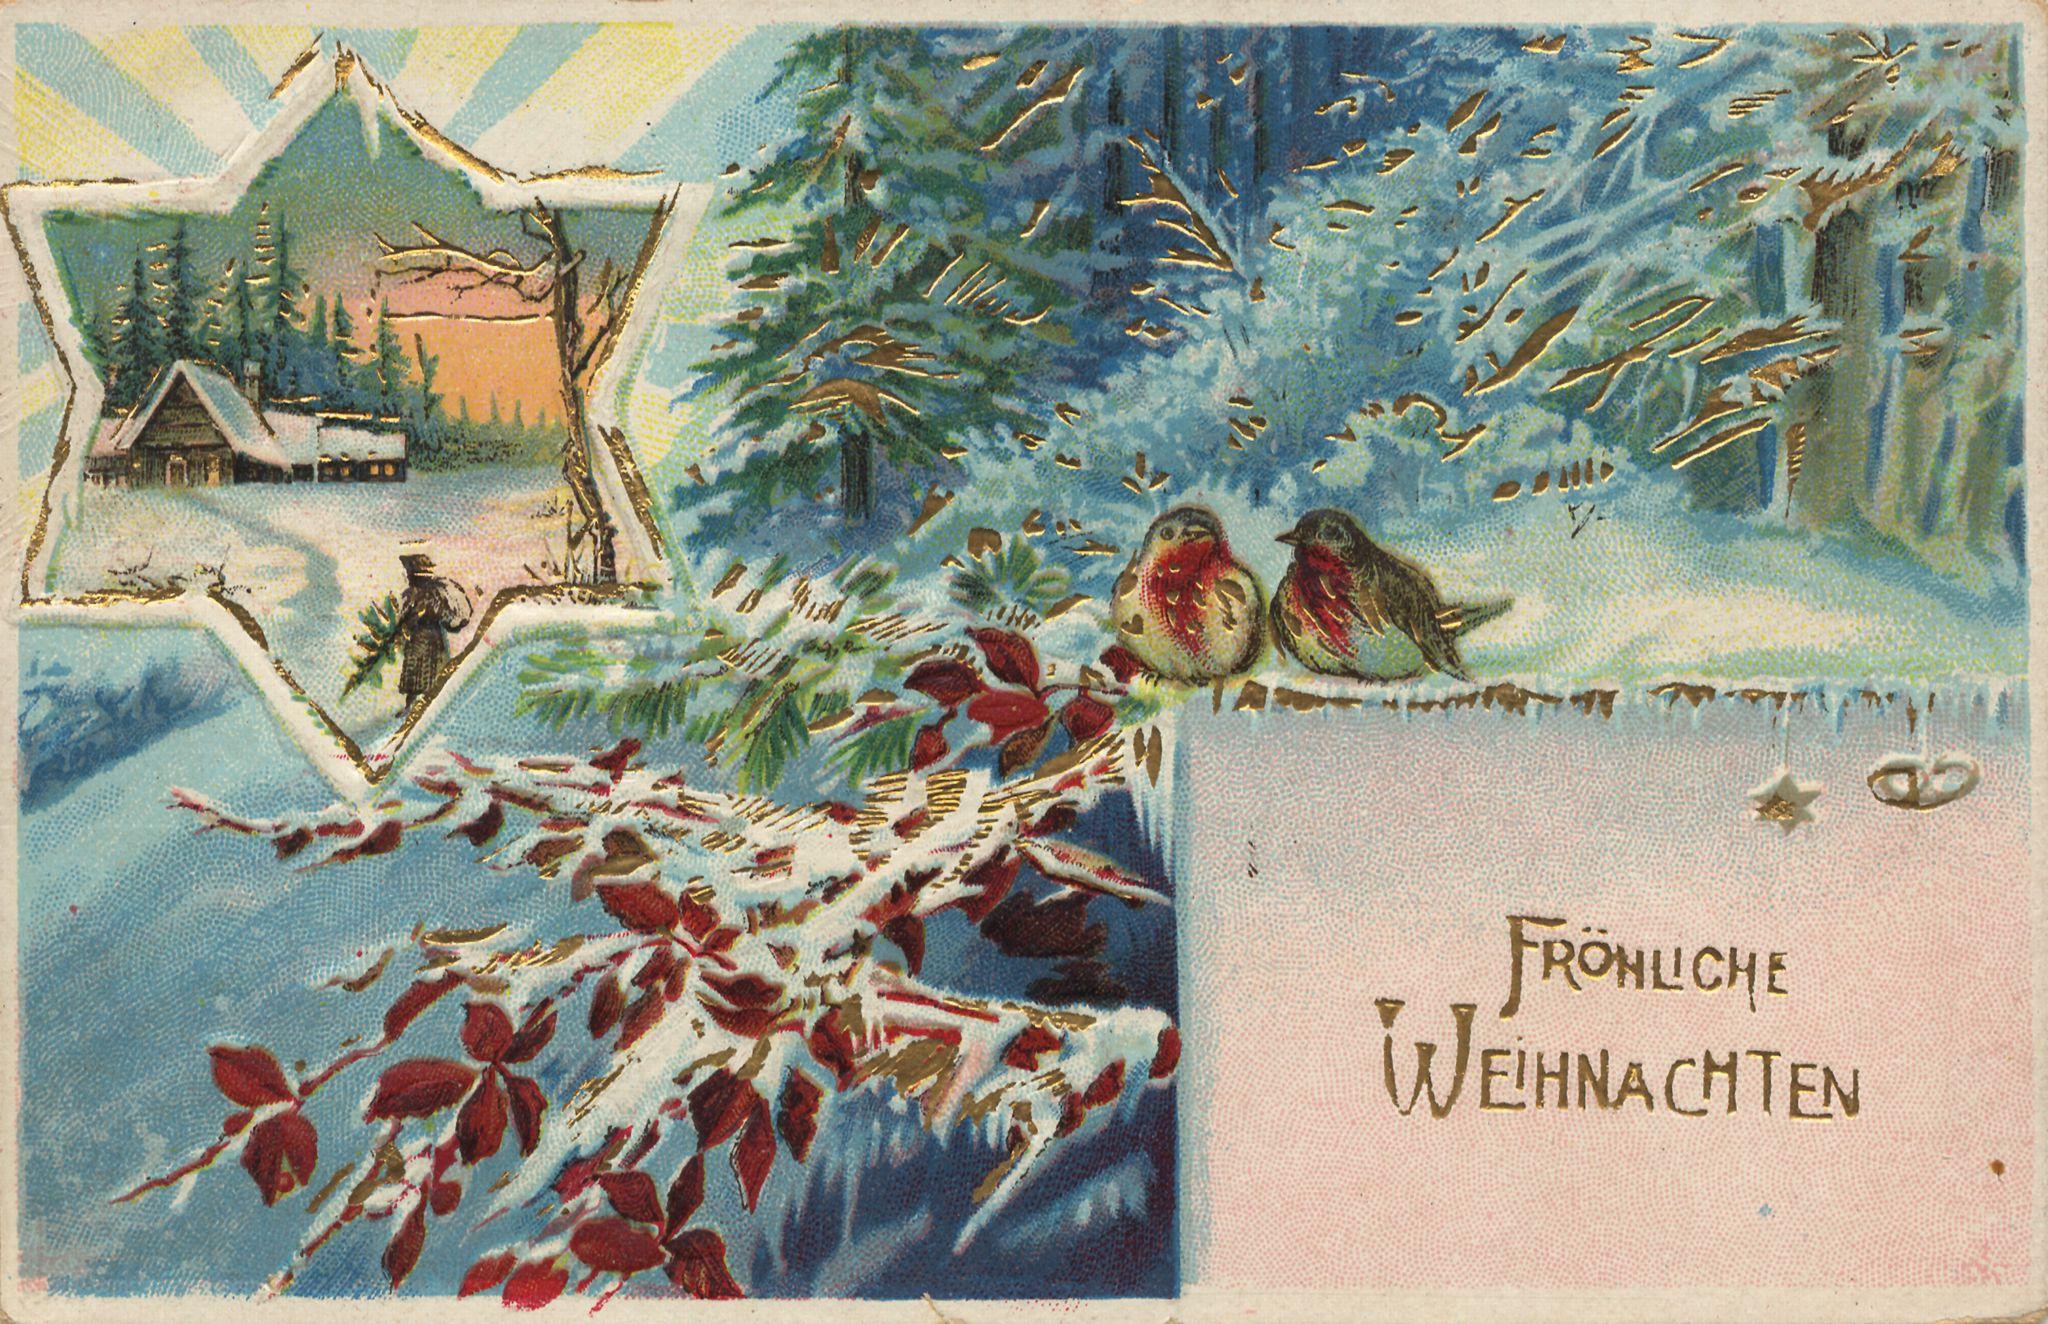 Weihnachten, Zweige, Sträusse, Girlanden, Vögel, Landschaft - Zeno.org